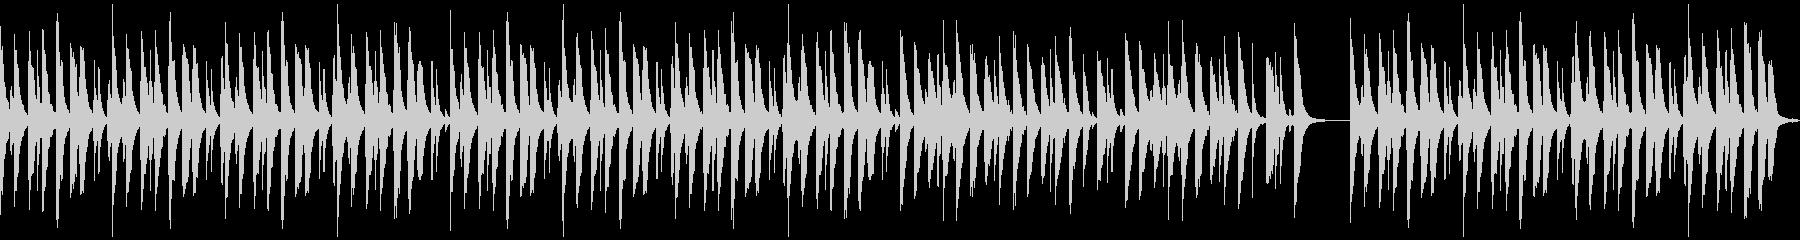 劇伴・コミカルなBGM:4の未再生の波形